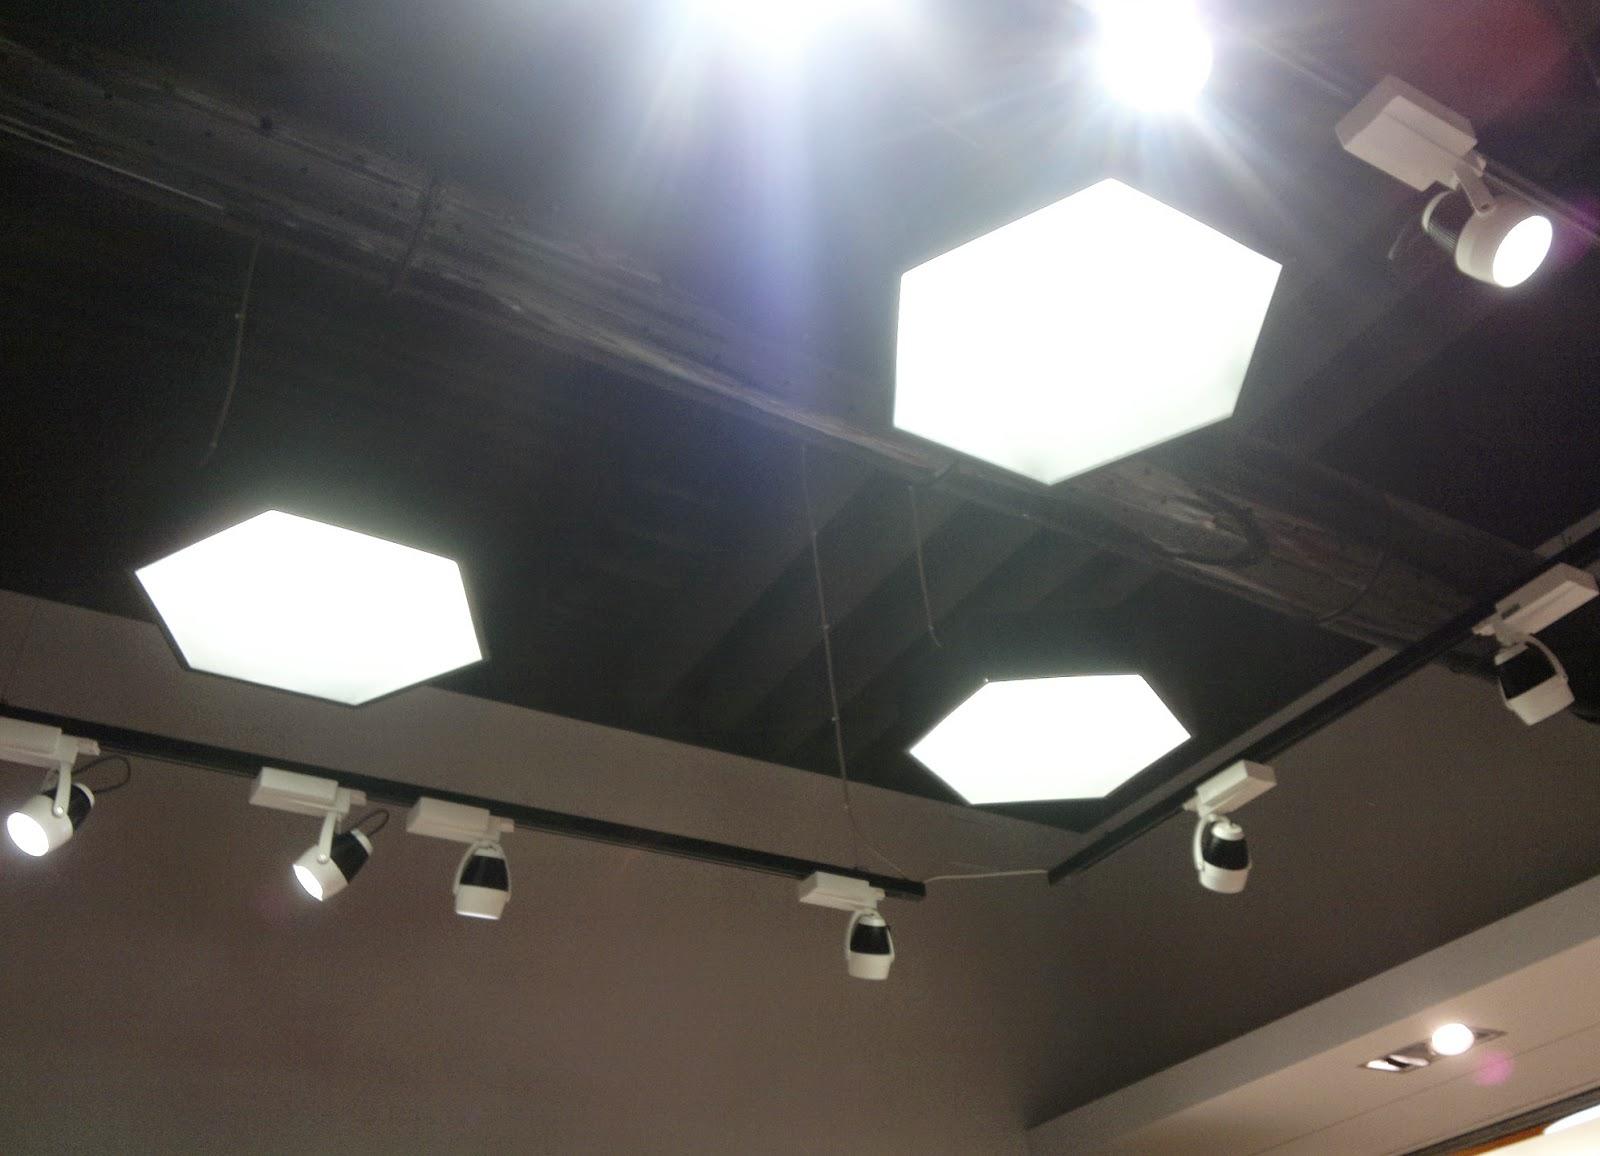 Negozi Illuminazione Design Milano : Illuminazione led casa: grugliasco illuminazione led negozio jam